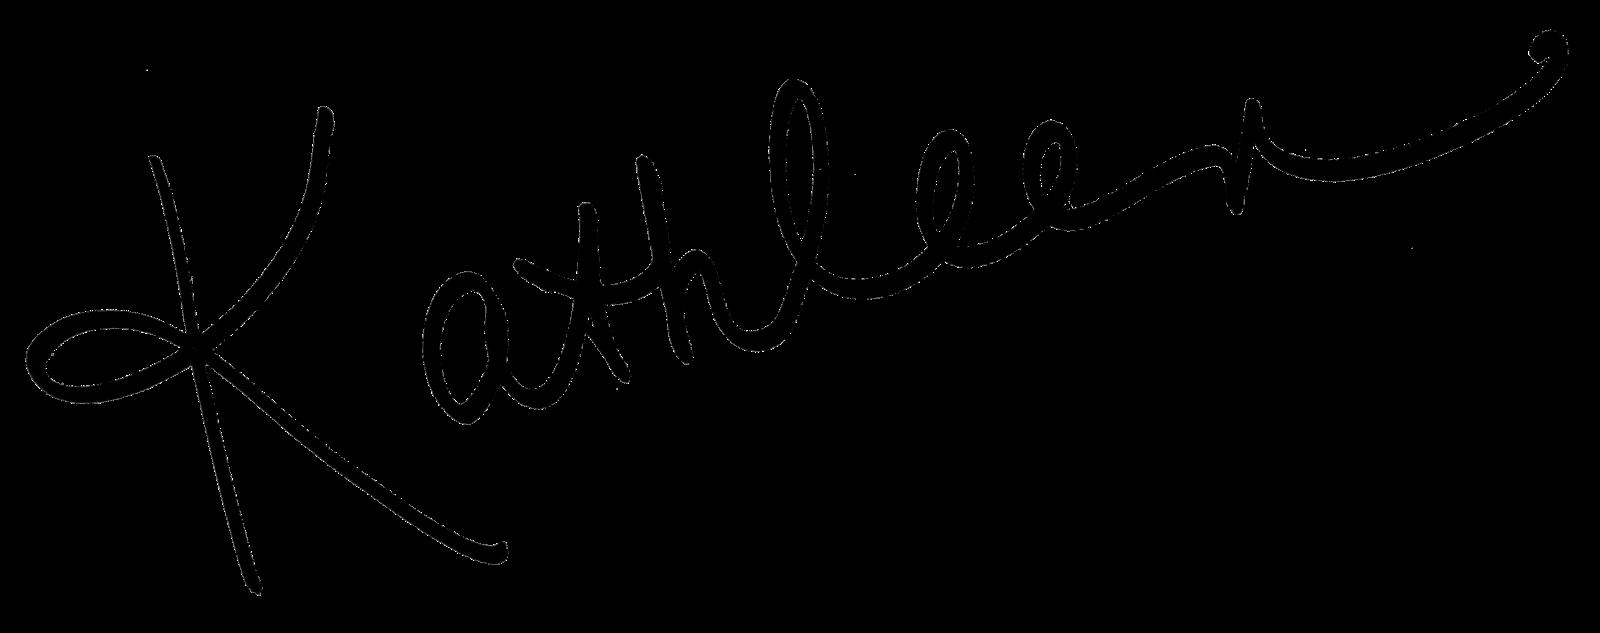 Kathleens Digital Signature 050819